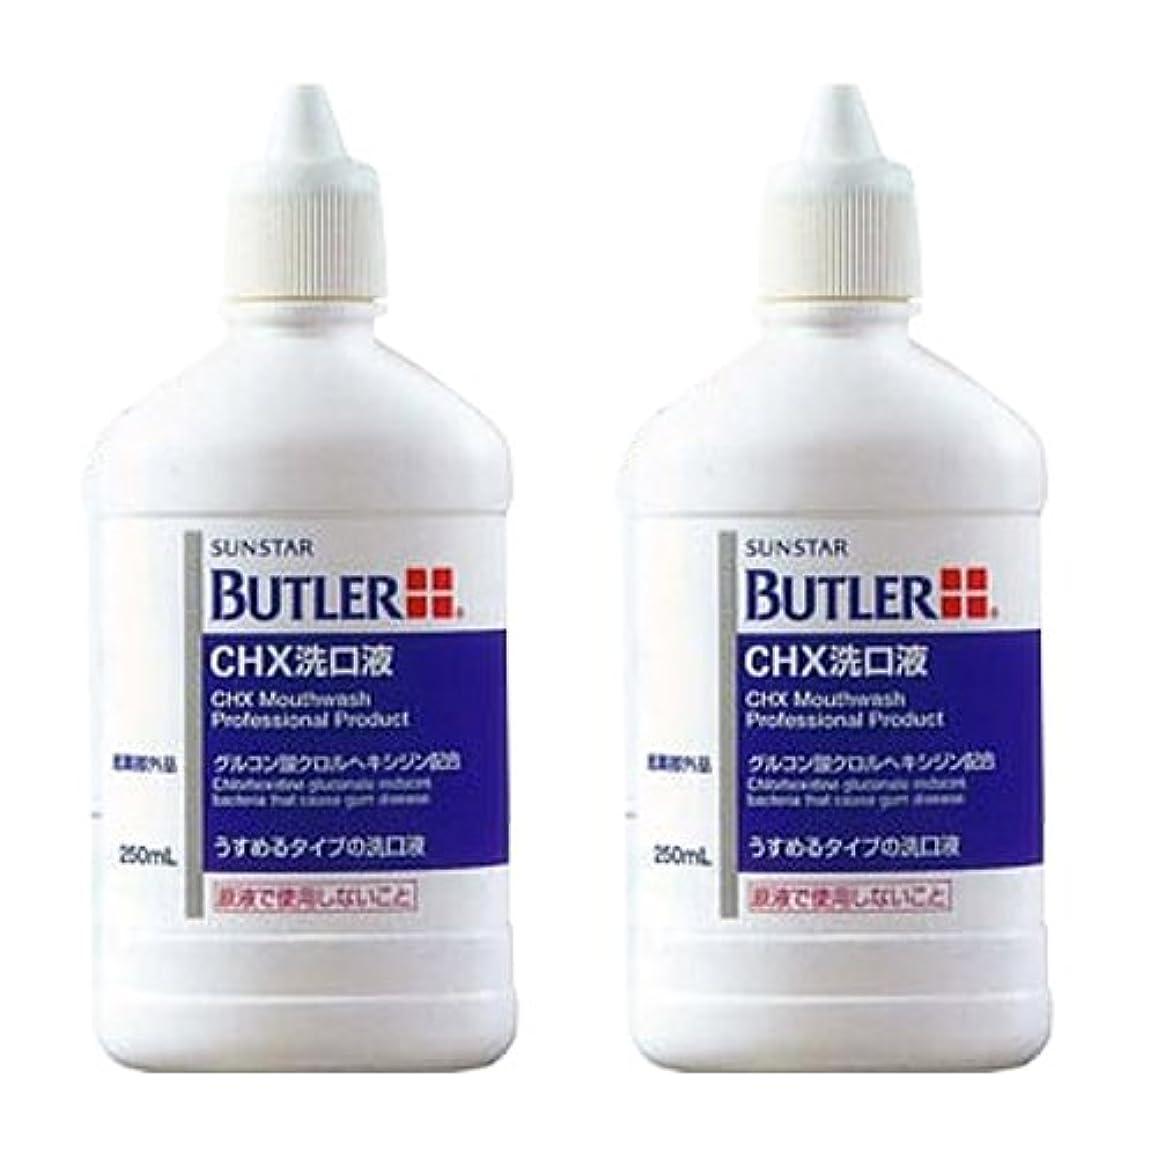 委員会傾向があります悩むサンスター バトラー CHX 洗口液 250ml × 2本 医薬部外品